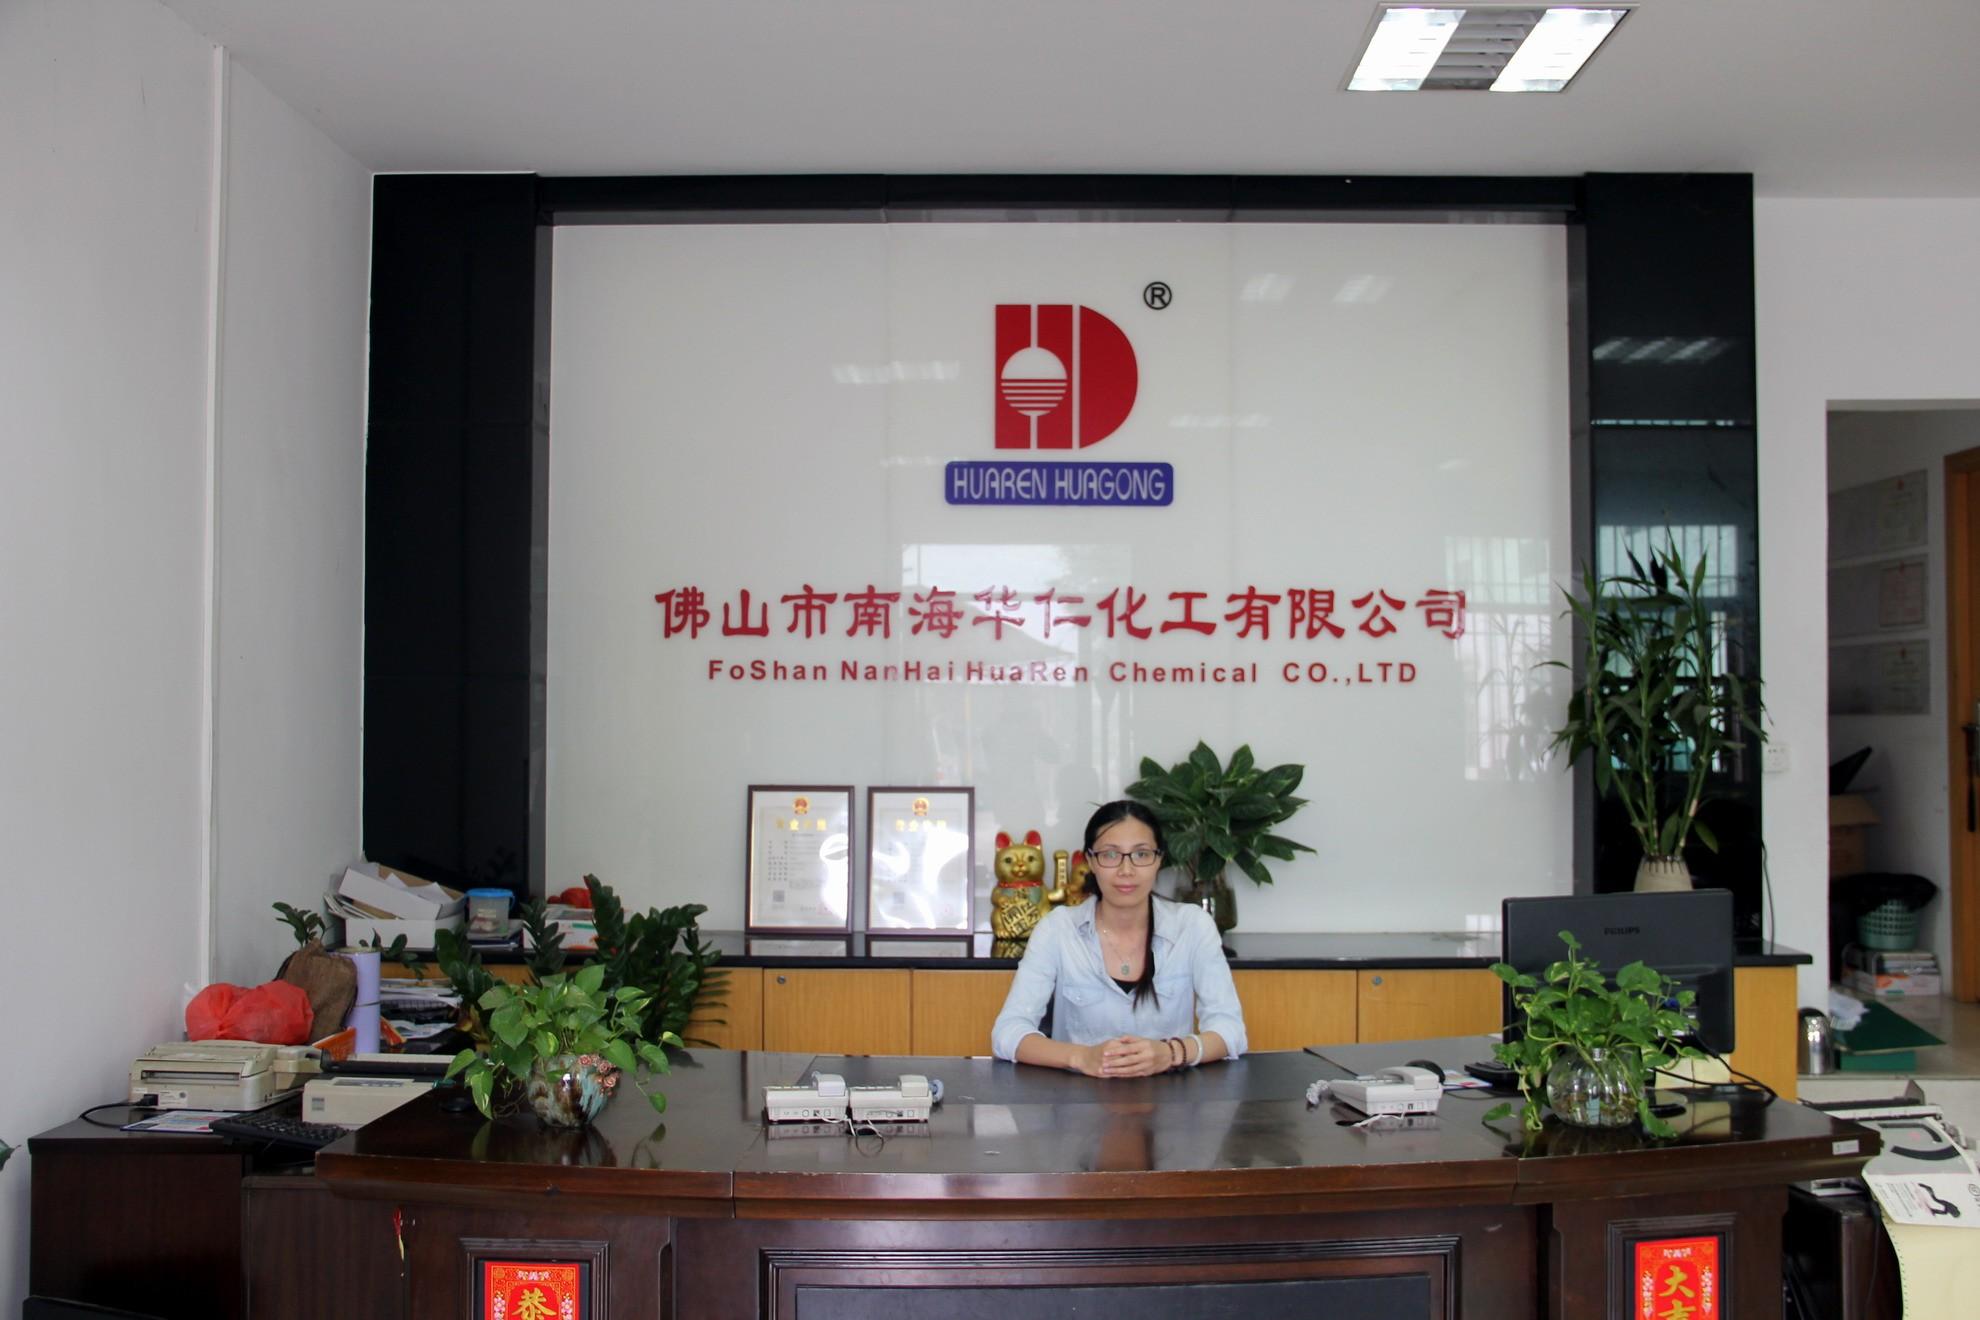 Foshan Nanhai Huaren Chemical Co., Ltd